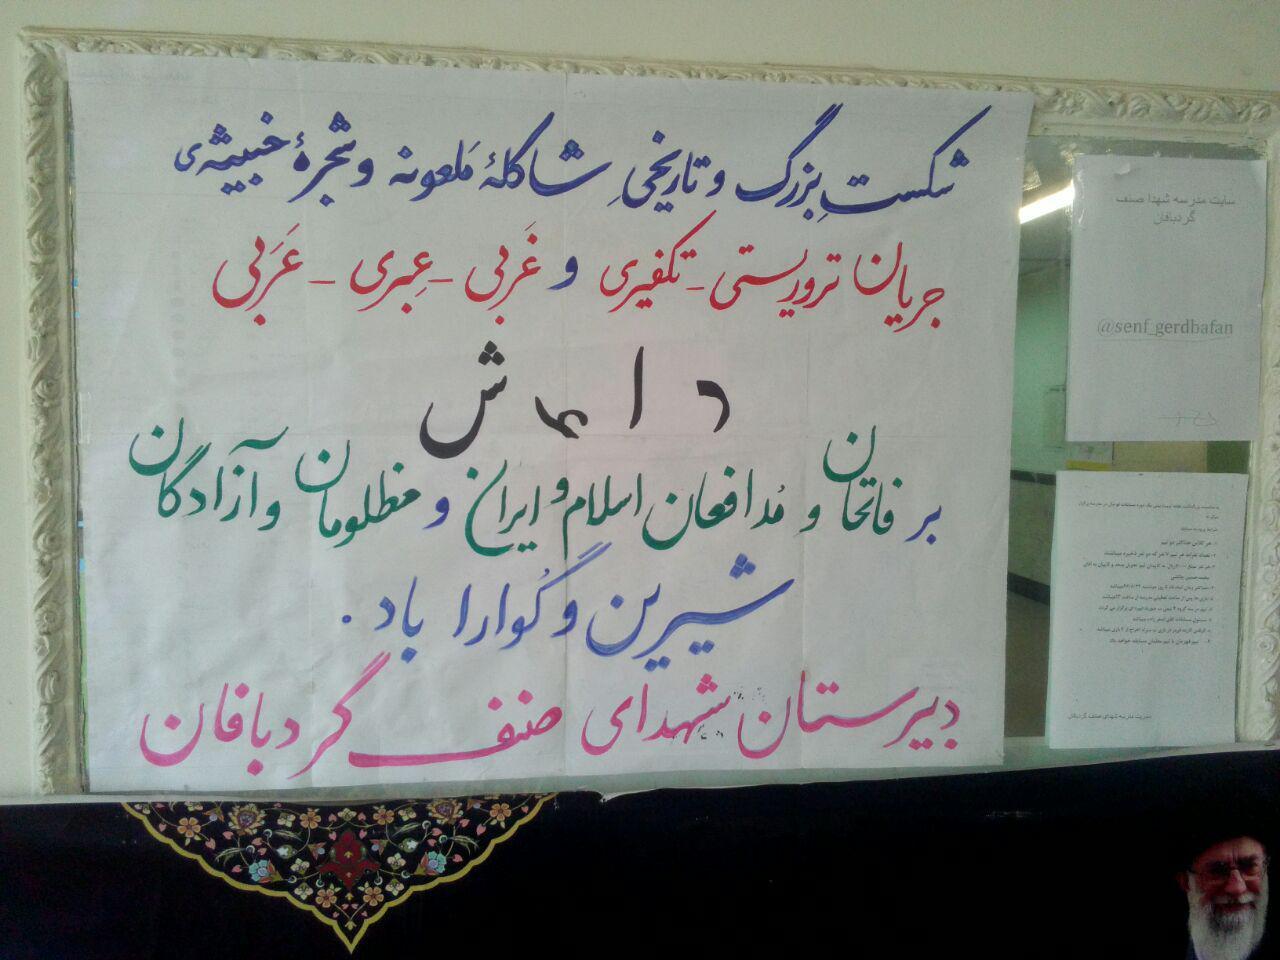 برگزاری مراسمات و مناسبت های مذهبی و ملی در دبیرستان شهدای صنف گردبافان (شکست داعش)